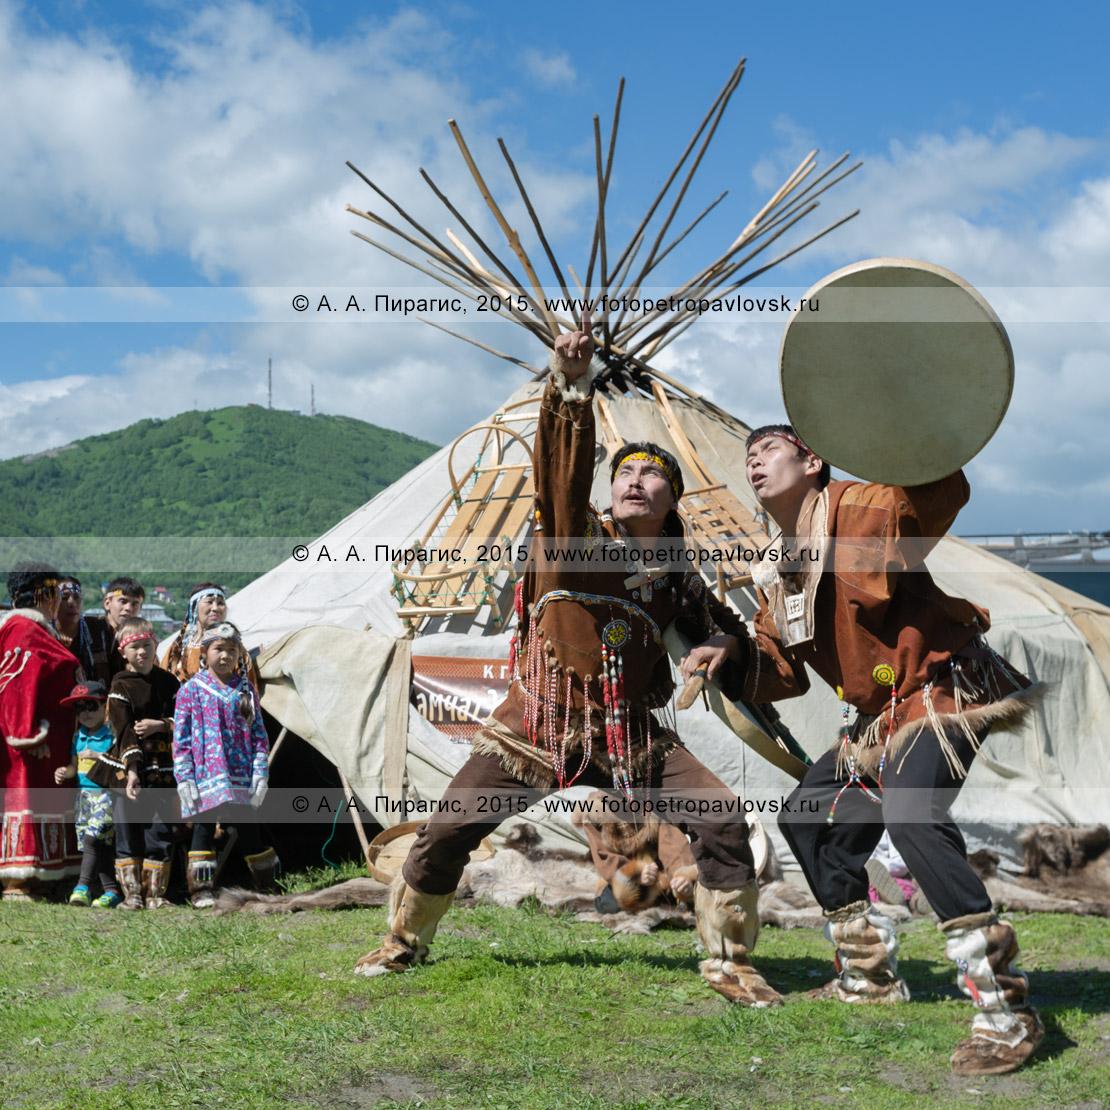 Фотография: мужчины в традиционной одежде коренных жителей полуострова Камчатка исполняют танец с бубнами